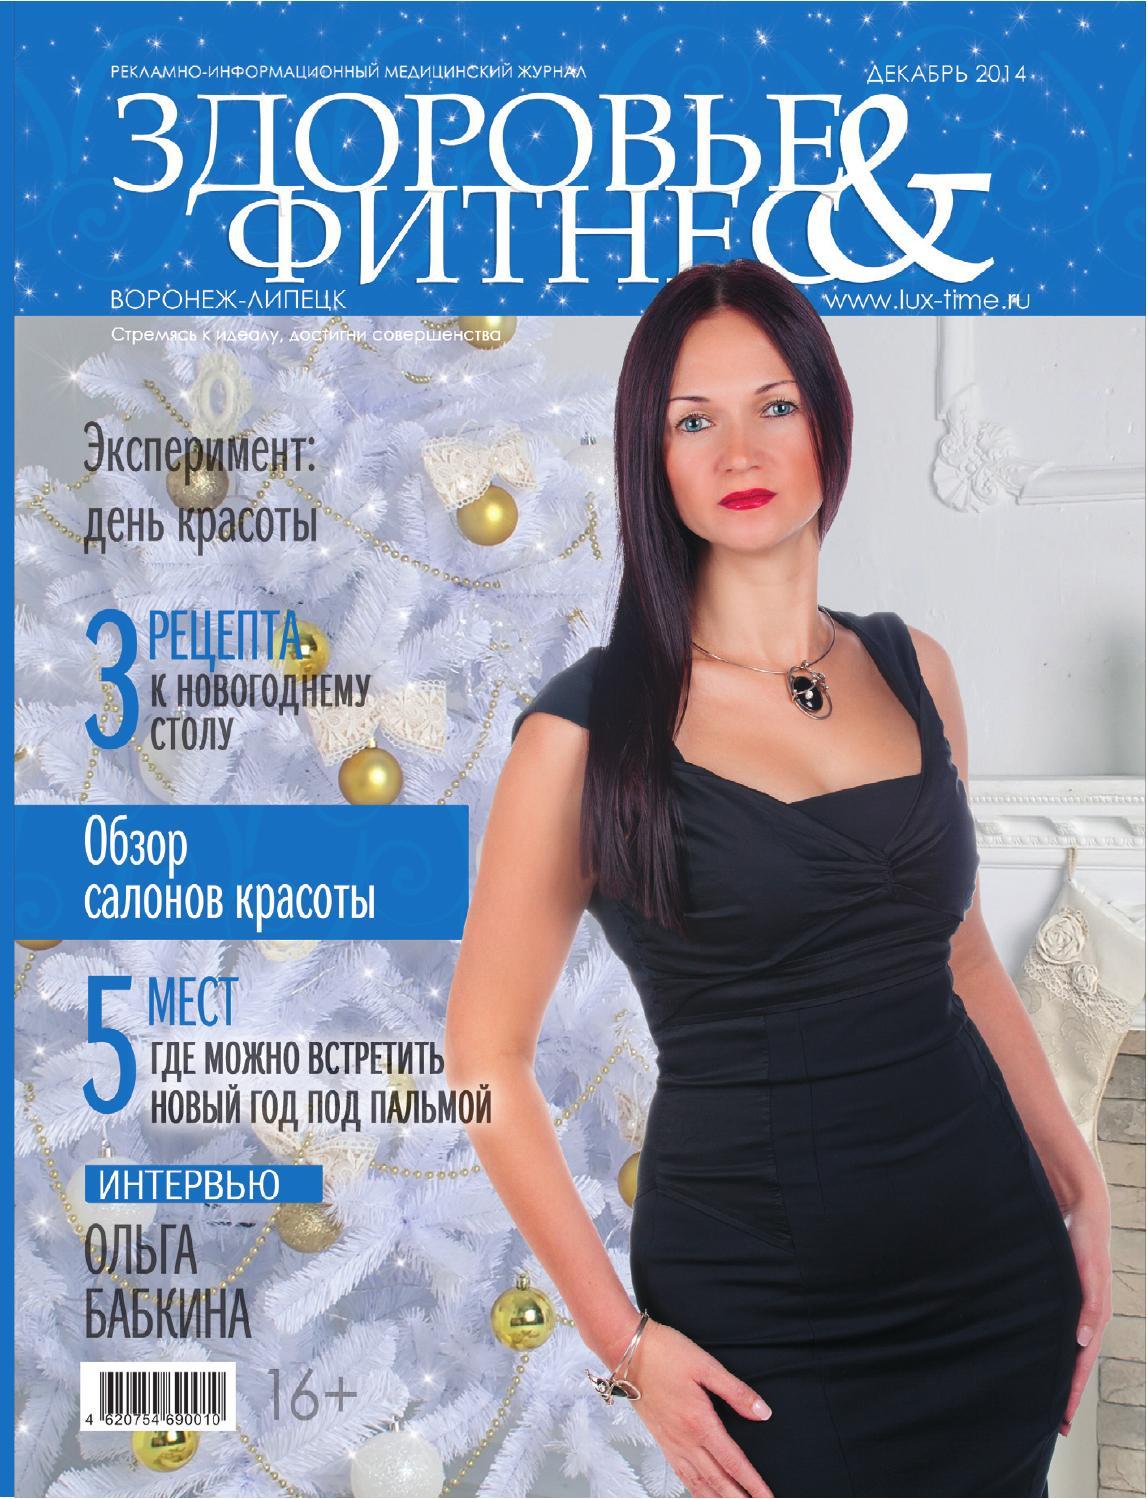 журнал длительных медицинских отводов образец журнала